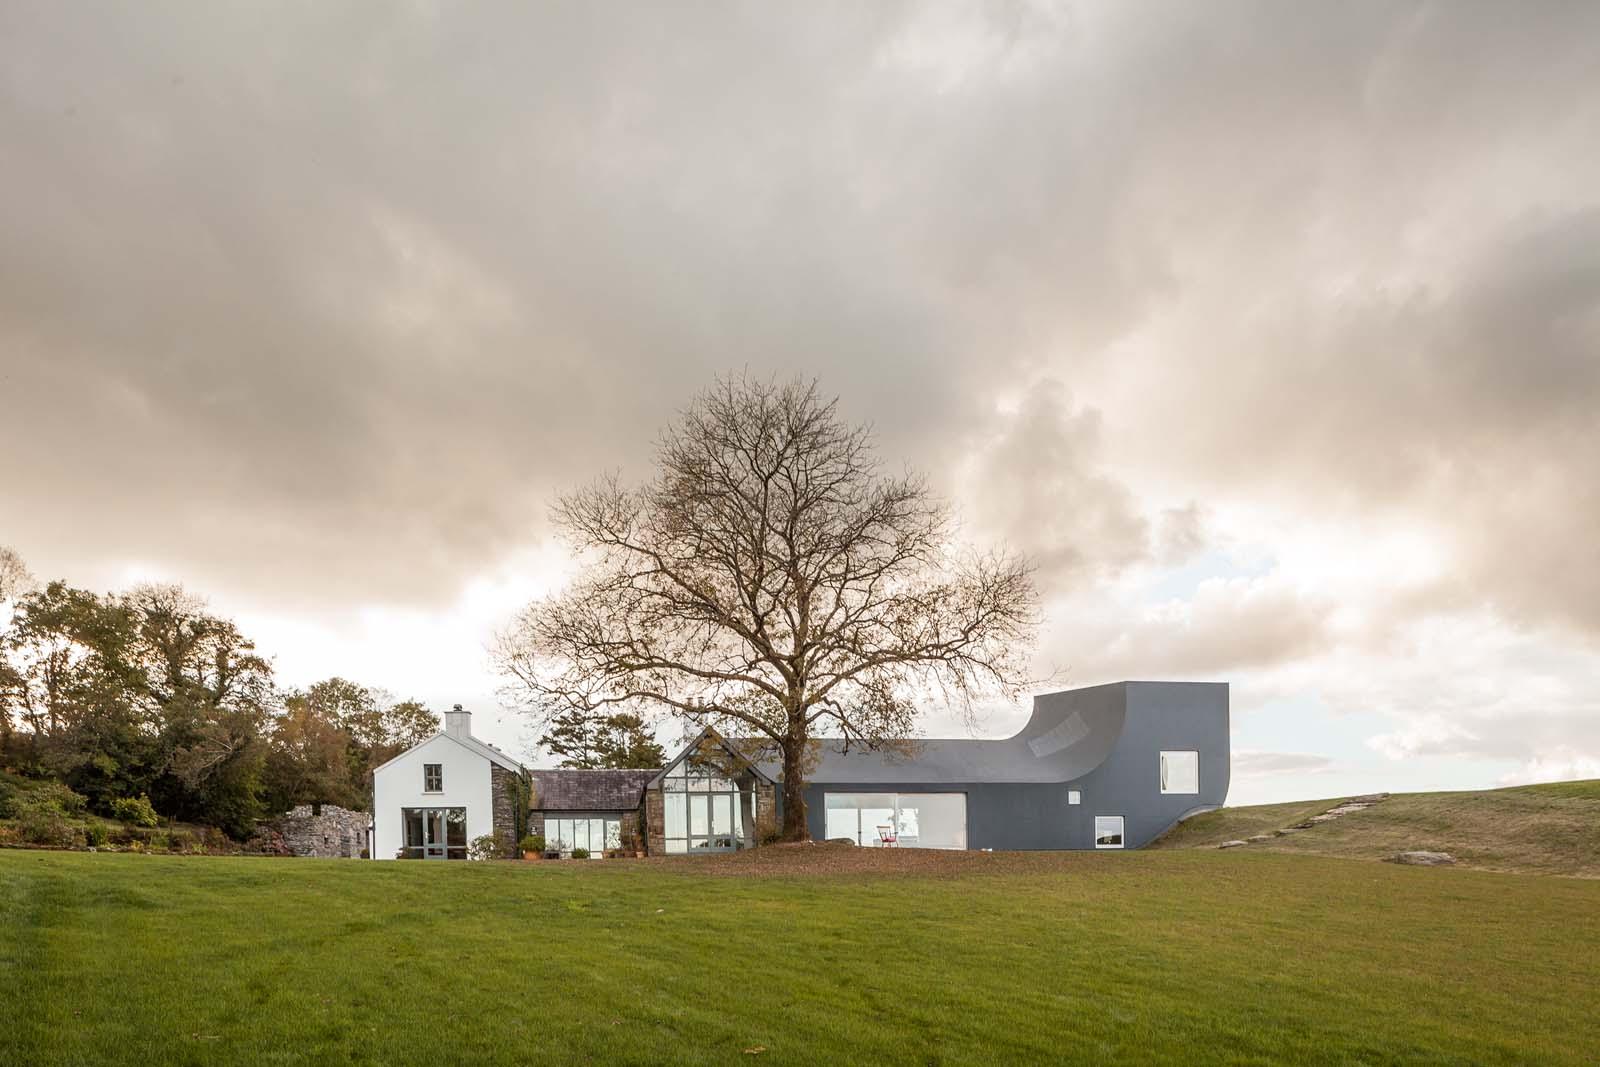 House In Inchigeelagh County Cork Markus Schietsch Architekten 2011 2014